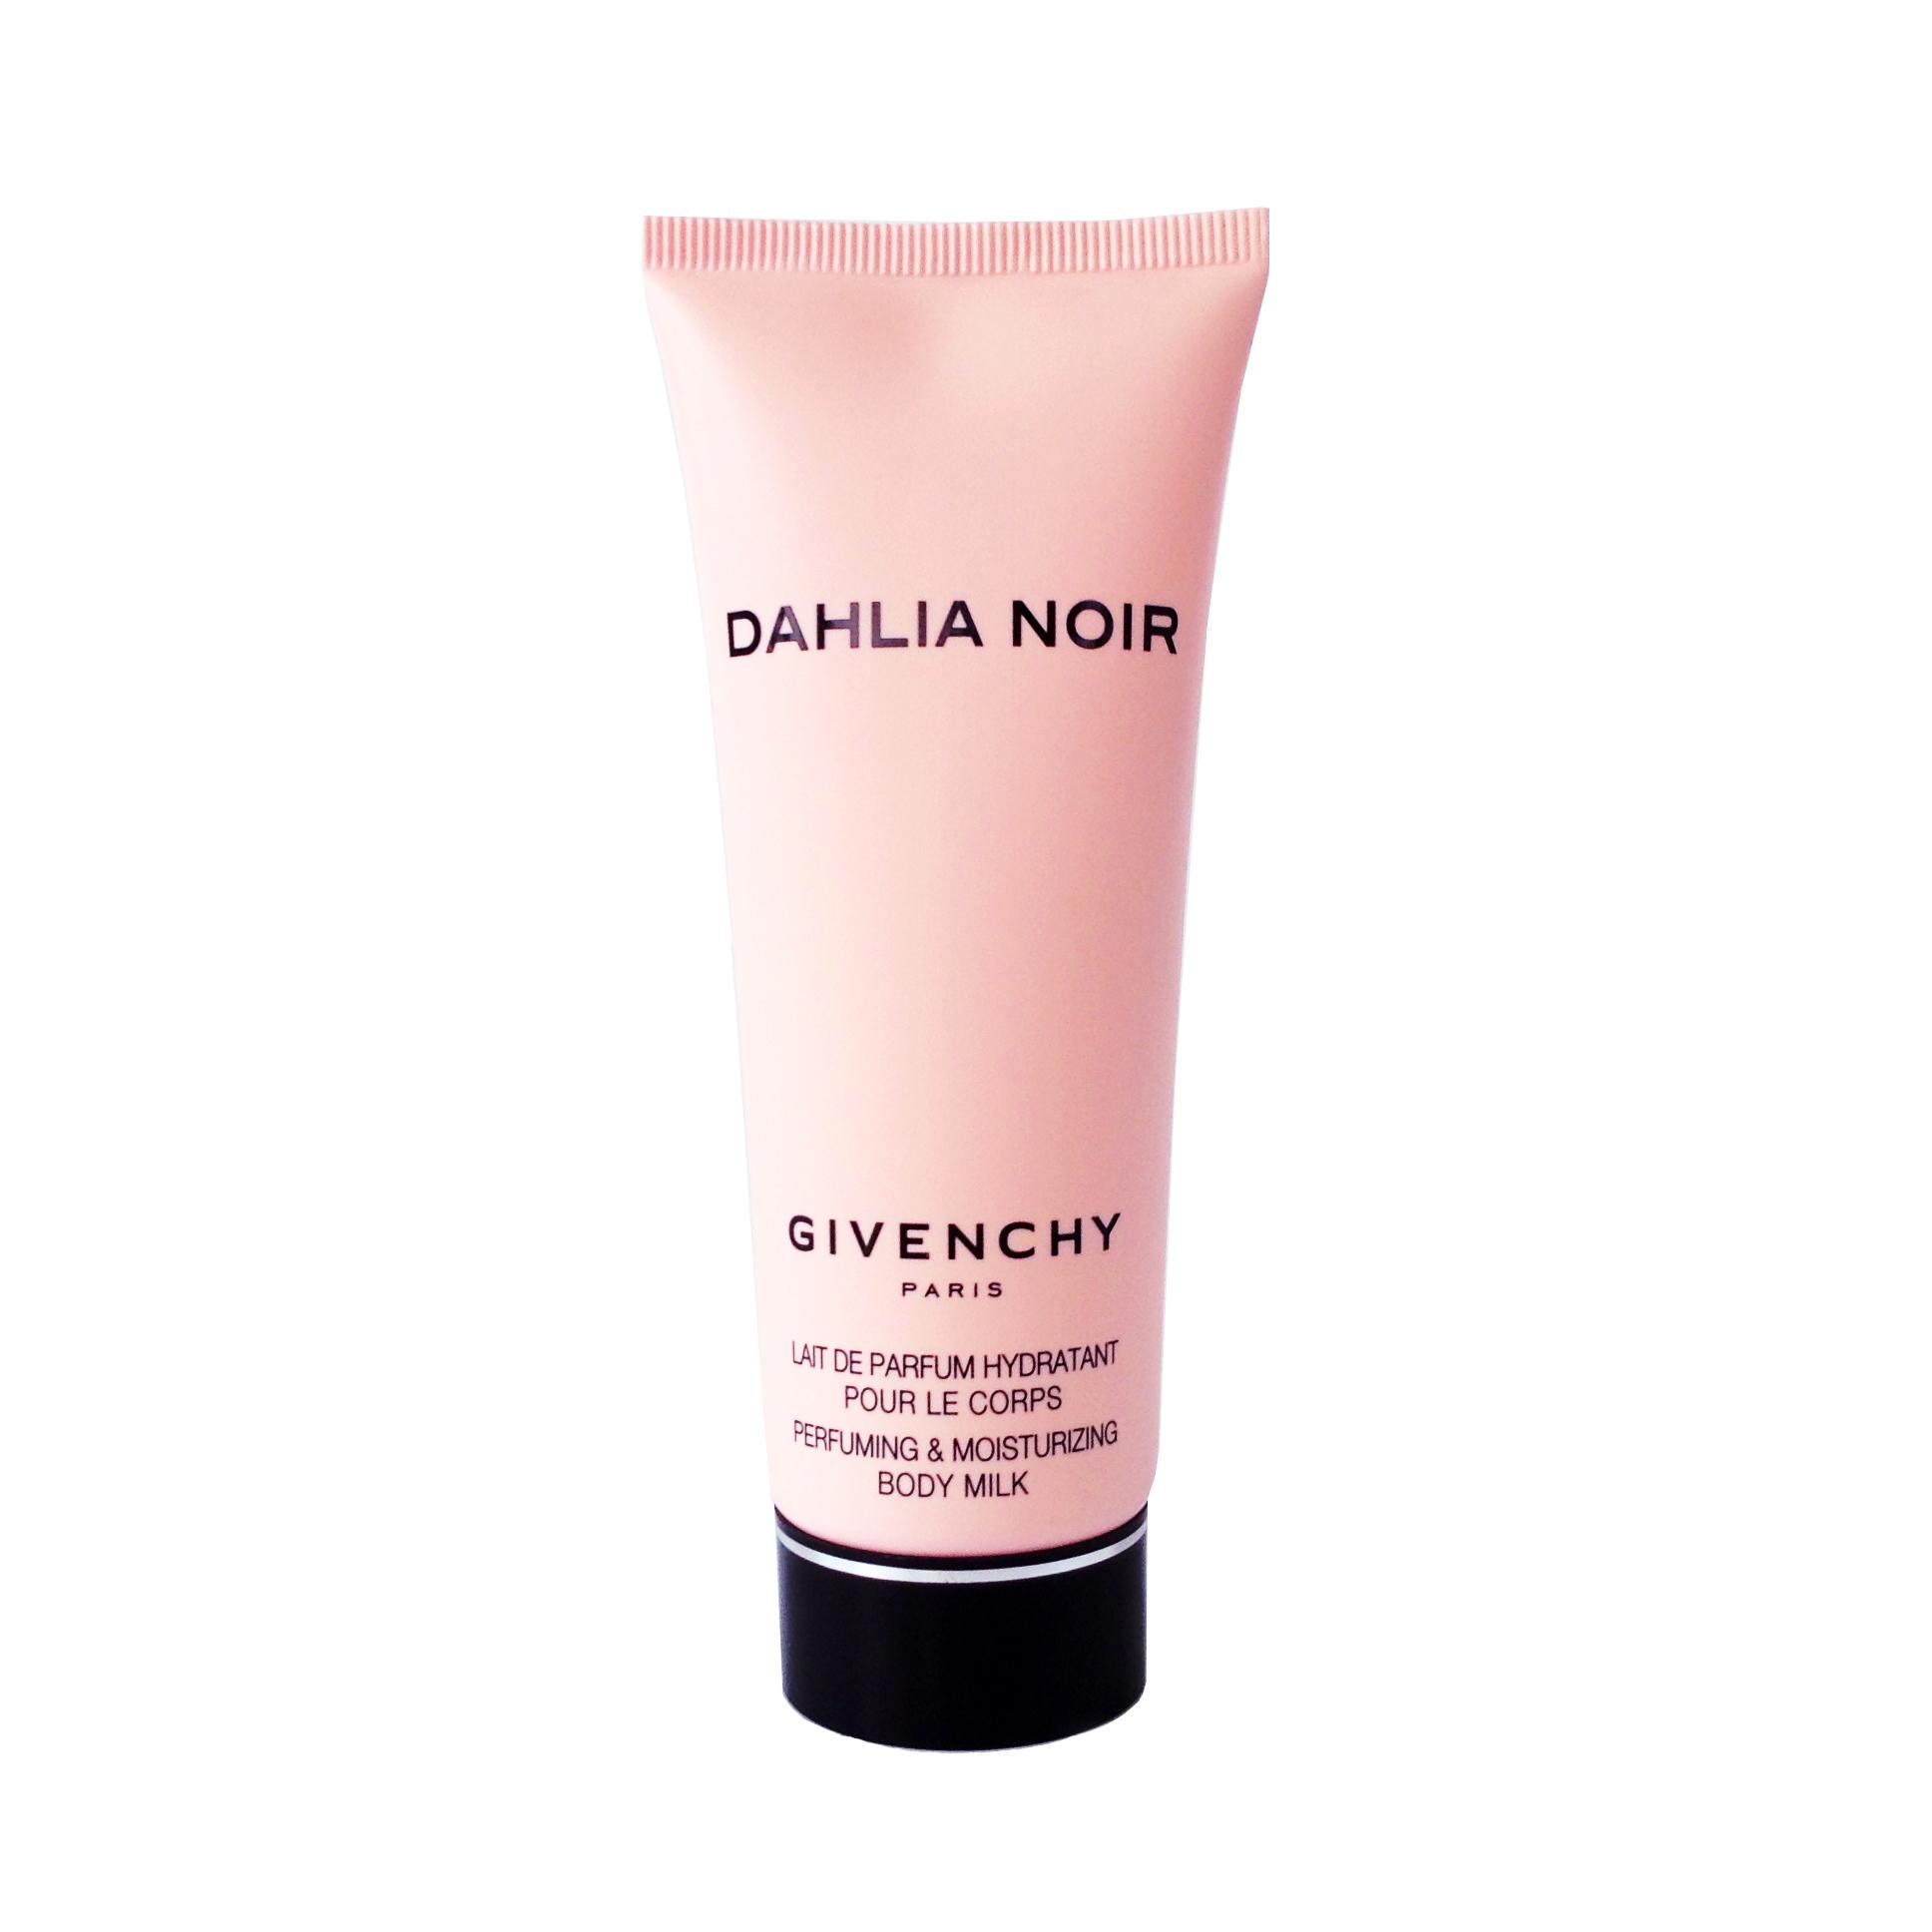 โลชั่นน้ำหอม Givenchy Dahlia Noir Perfuming & Moisturizing Body Milk ขนาด 75ml